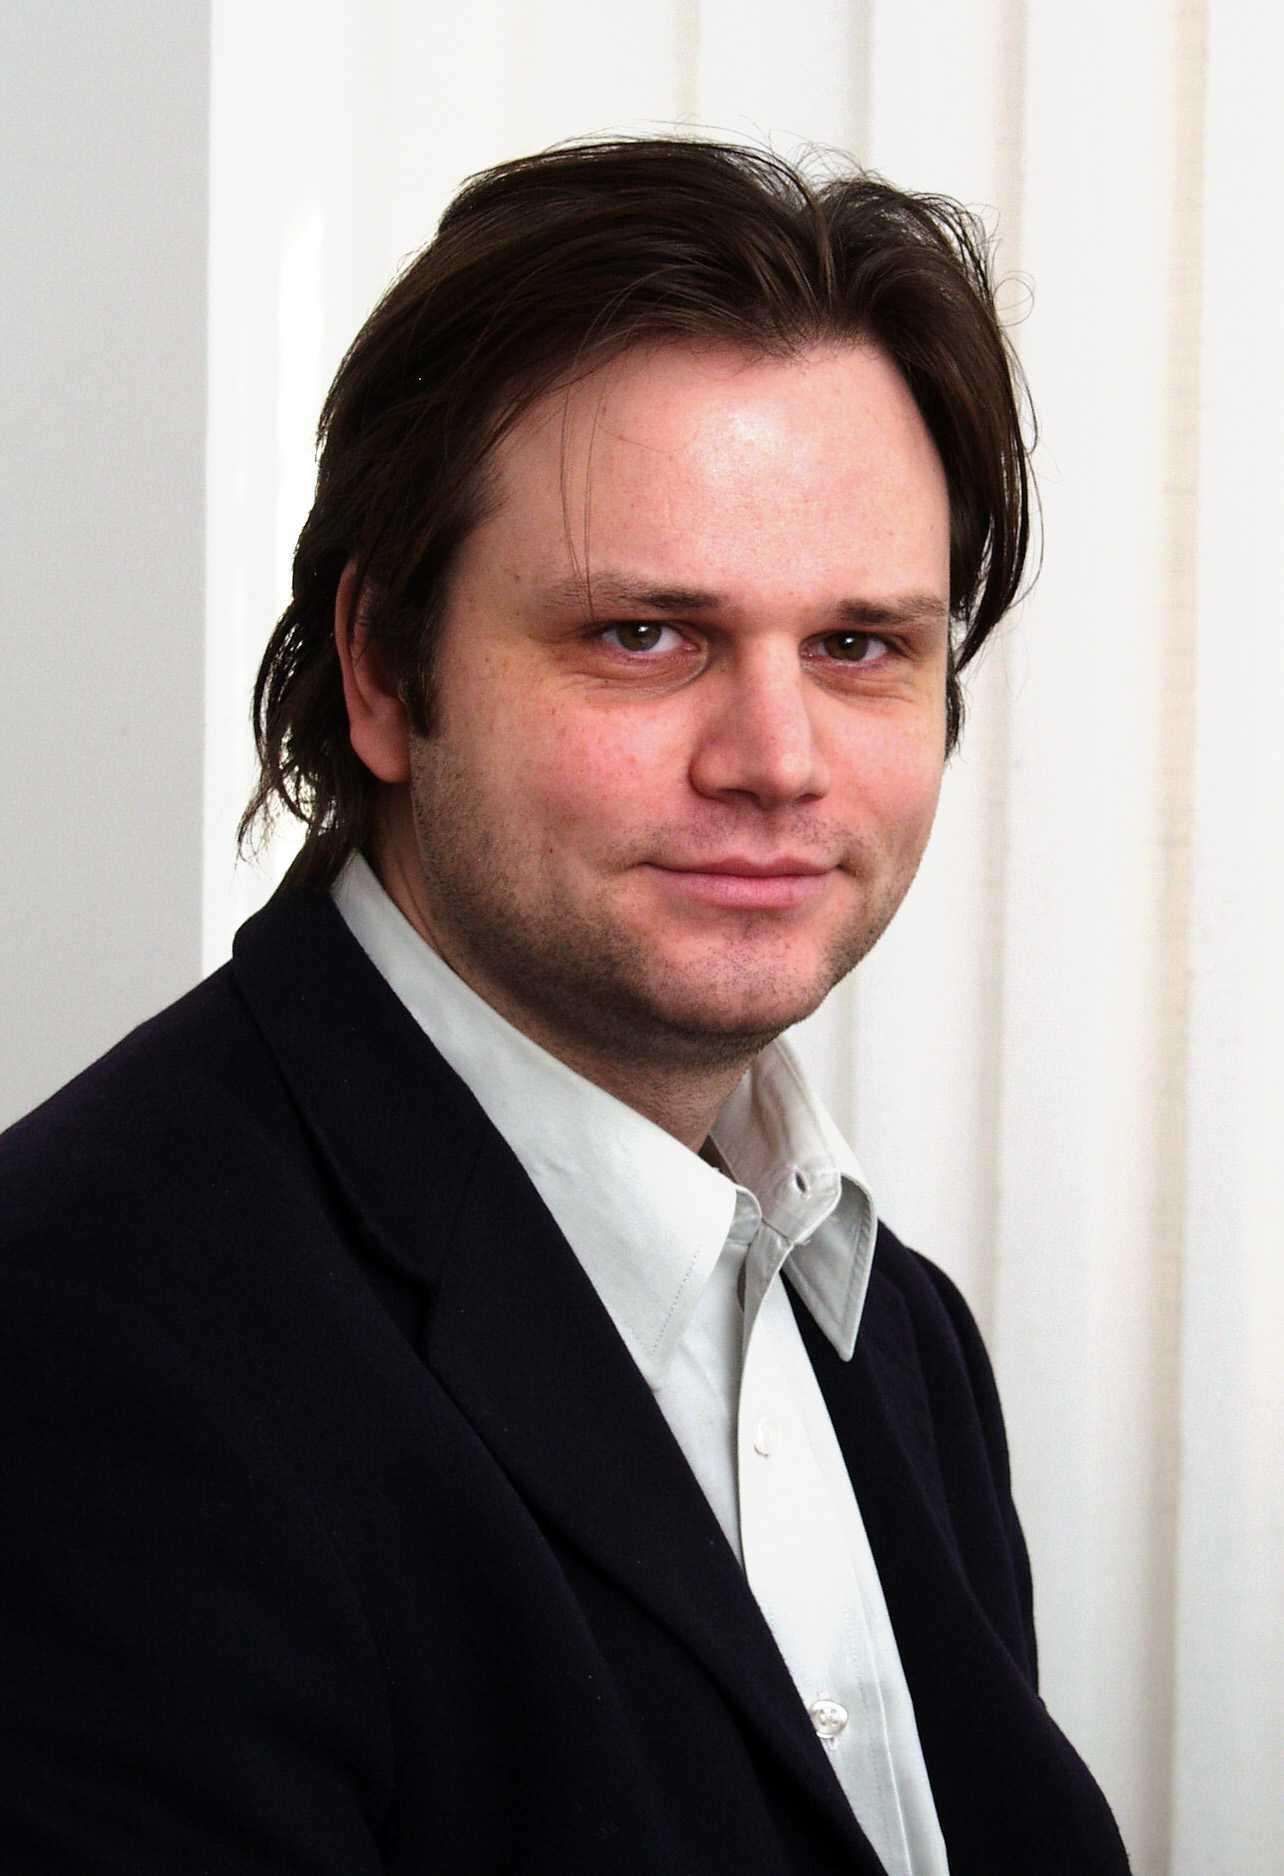 Bogdan Manolea despre directiva Big Brother si actele electronice: <i>NU MAI E MULT PANA LA IMPLANTAREA CIPURILOR DE CONTROL TOTAL</i>